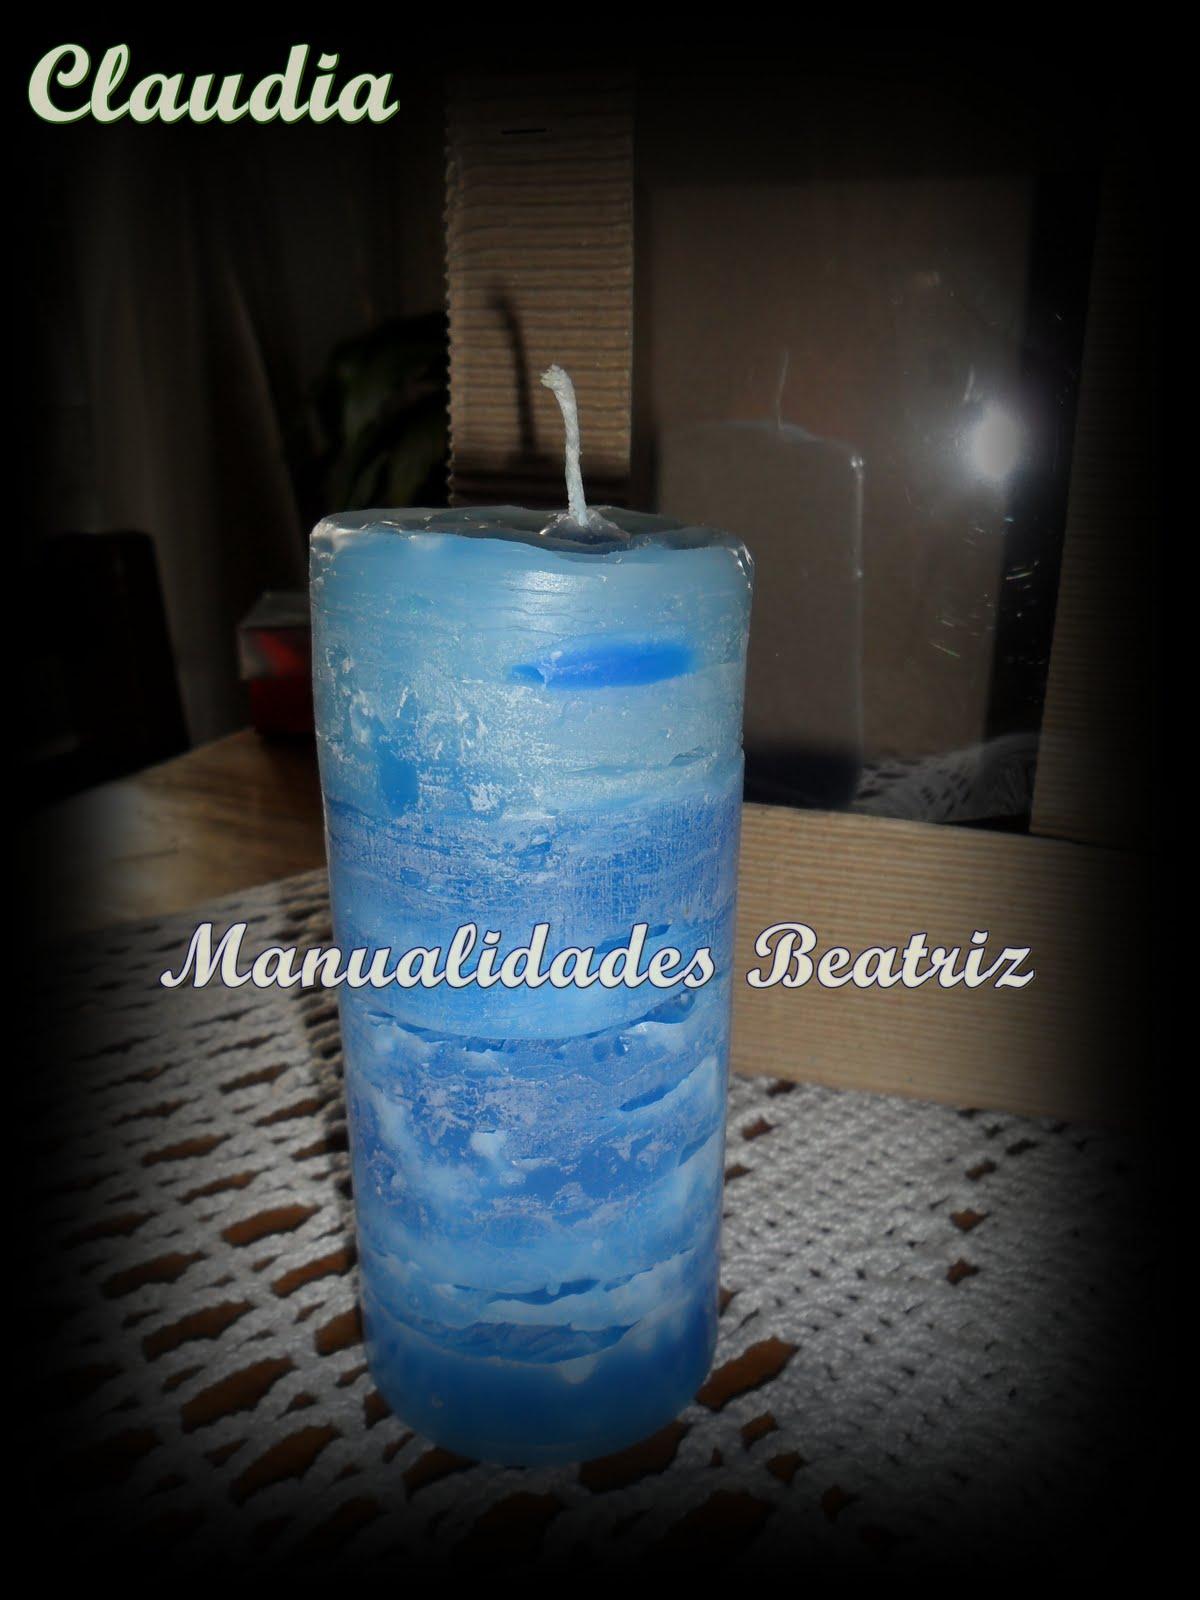 Manualidades beatriz velas de hielo y agua - Velas de agua ...